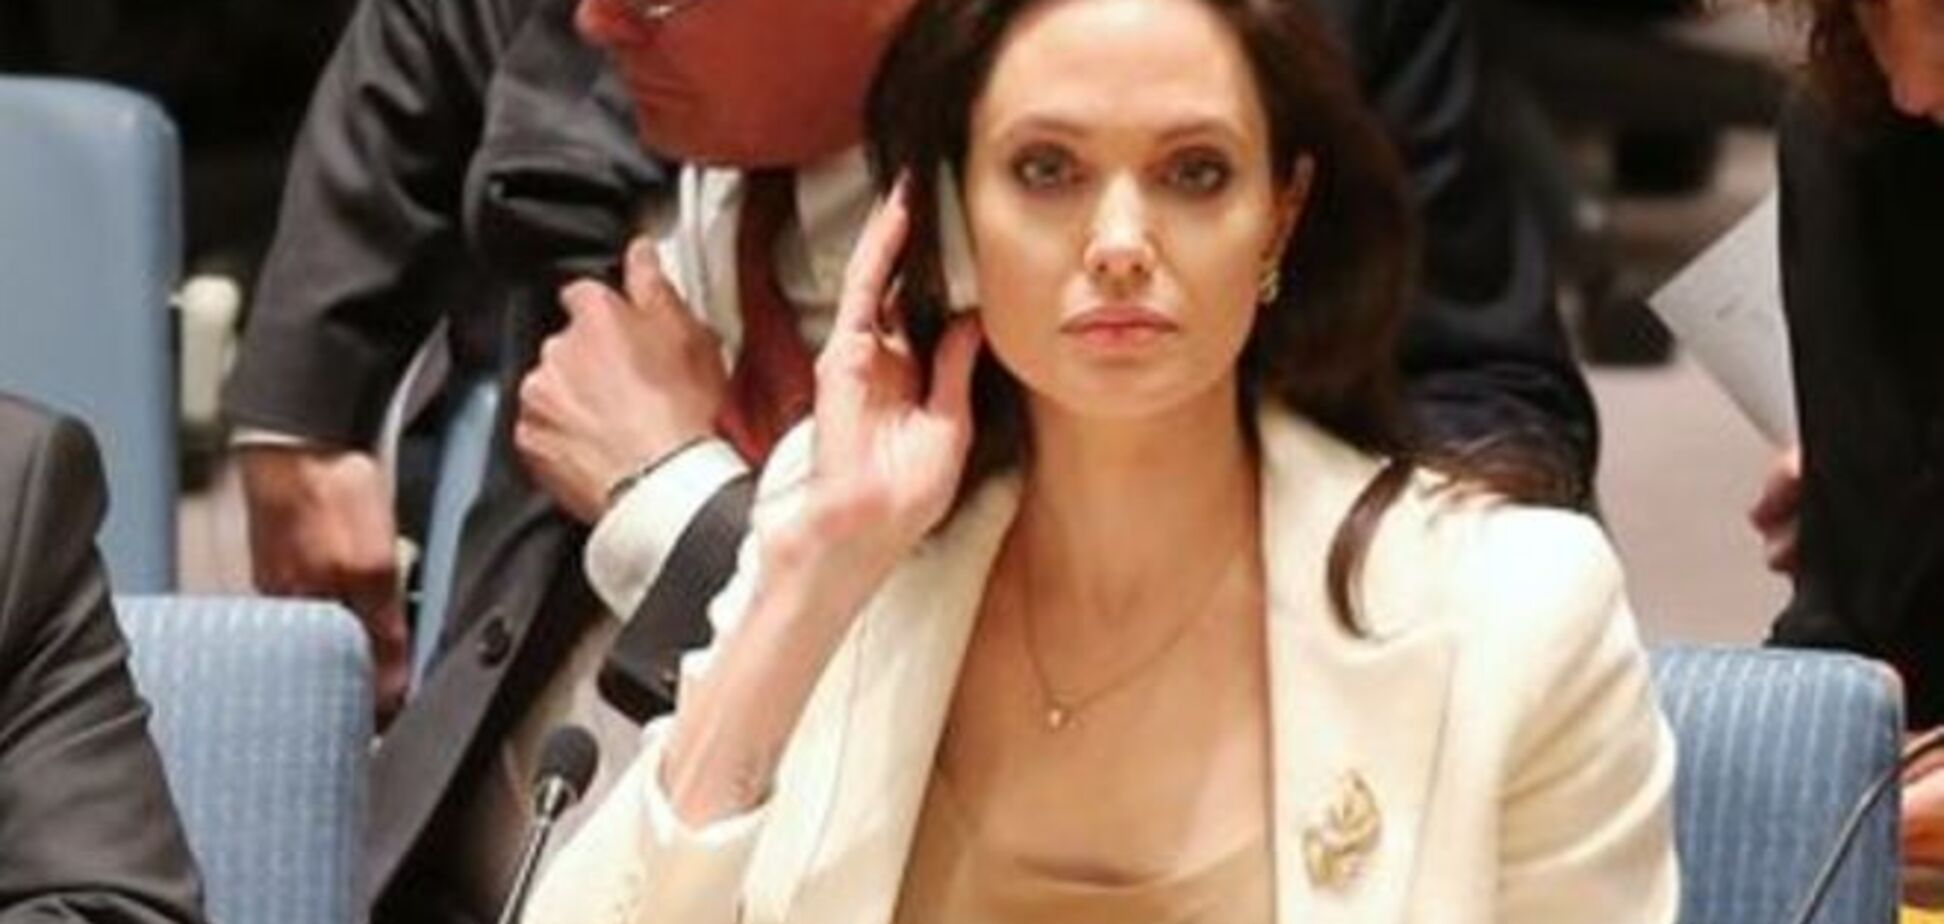 Анджелина Джоли появилась на заседании ООН без нижнего белья